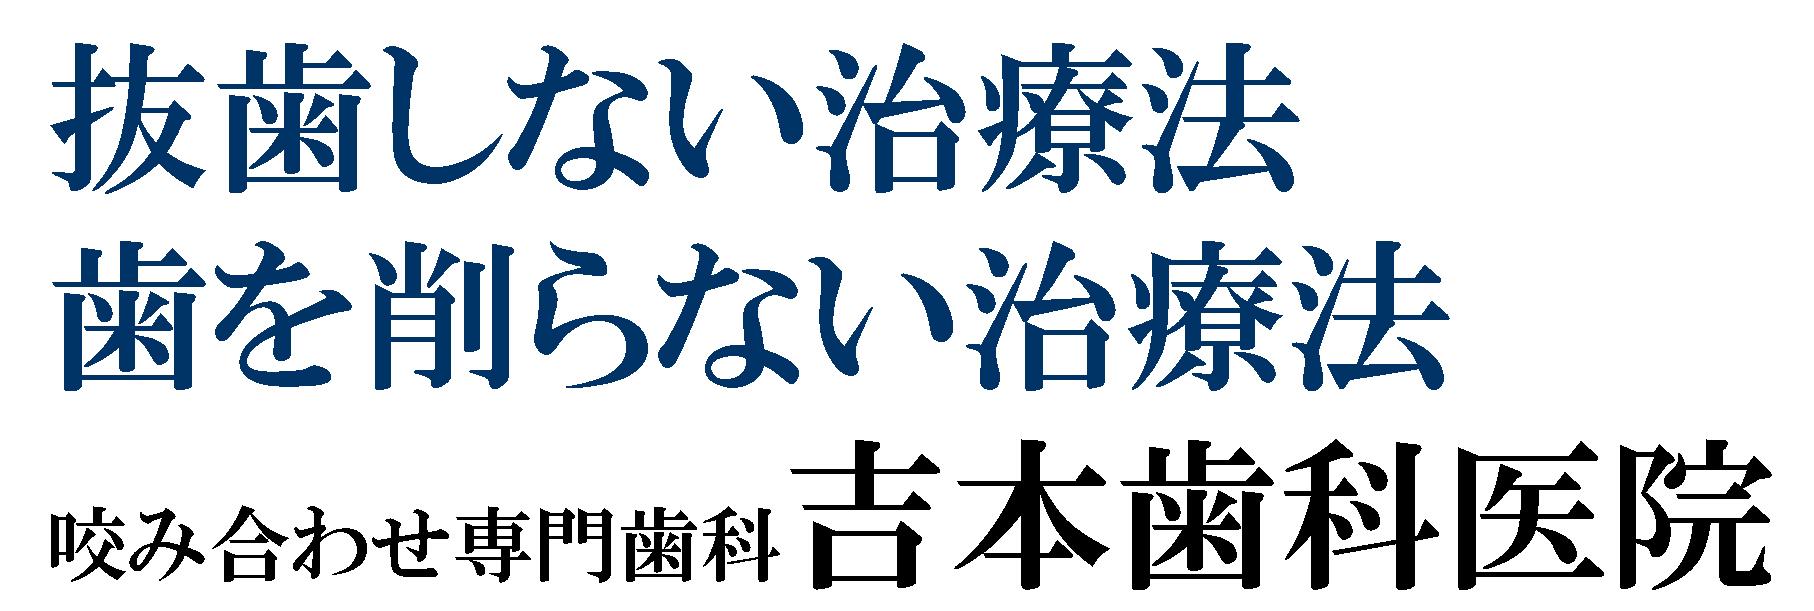 高松市 香川県の抜歯しない歯を削らない治療法なら咬み合わせ専門歯科|吉本歯科医院|香川県の社会福祉活動を応援